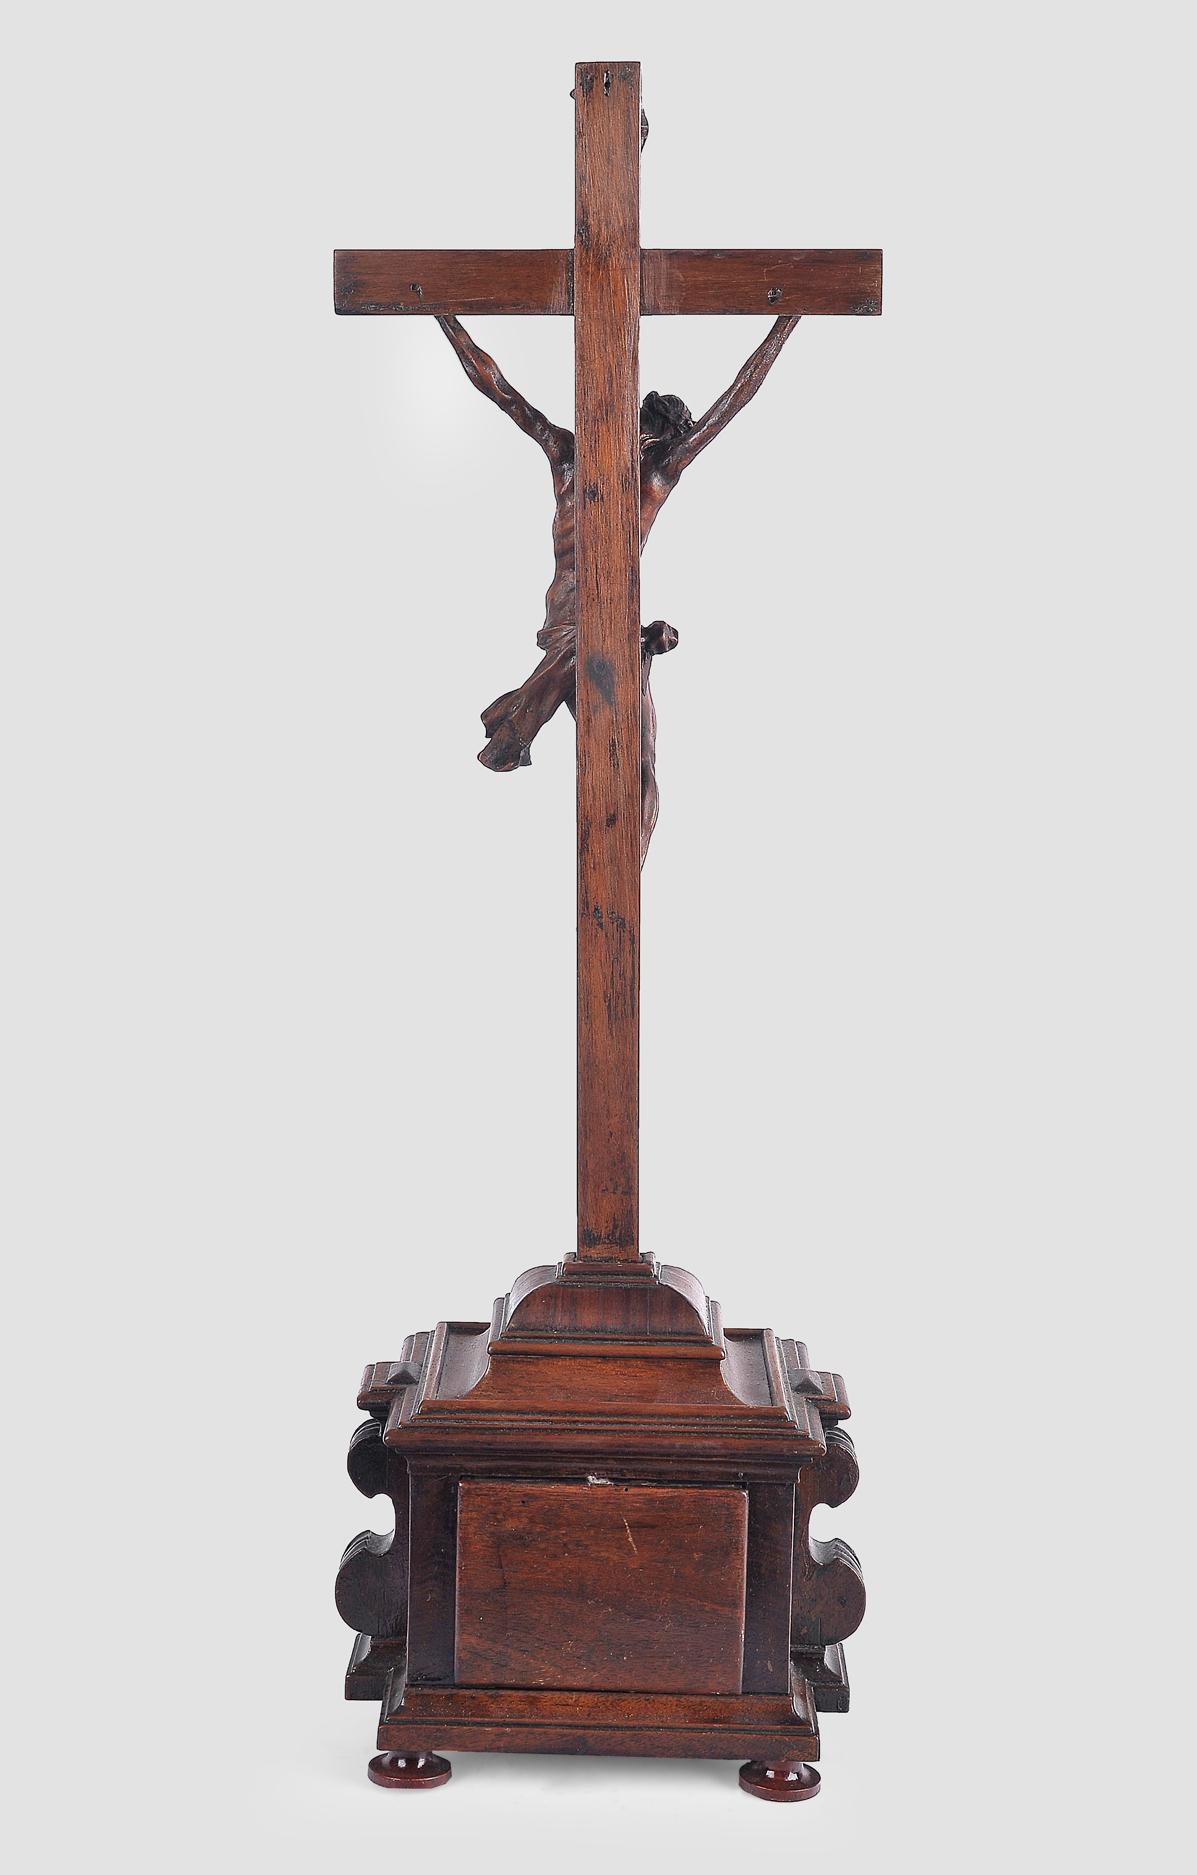 Standkreuz, Süddeutsch, um 1750, Nussholz - Image 6 of 6